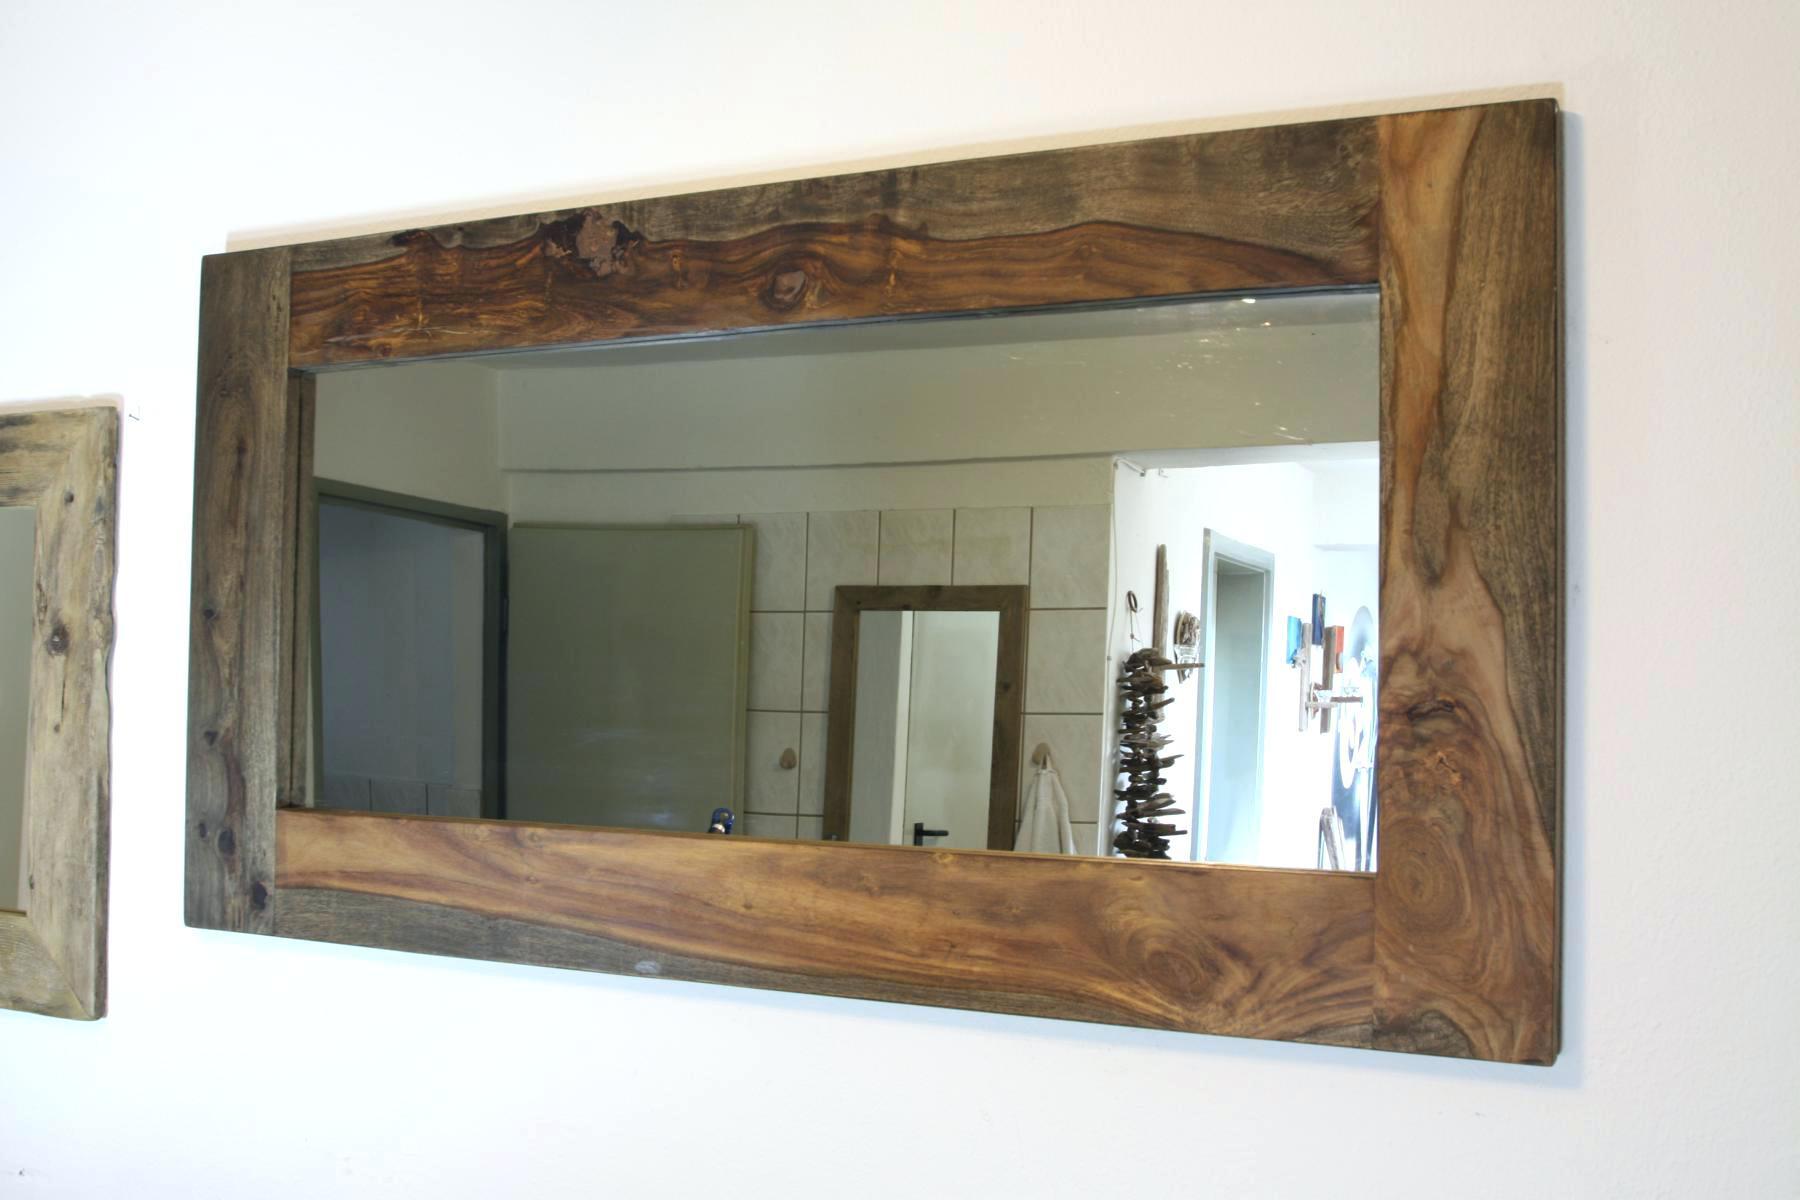 Spiegel Kaufen  Spiegel Kaufen line Der Wandspiegel Wurde Geschliffen